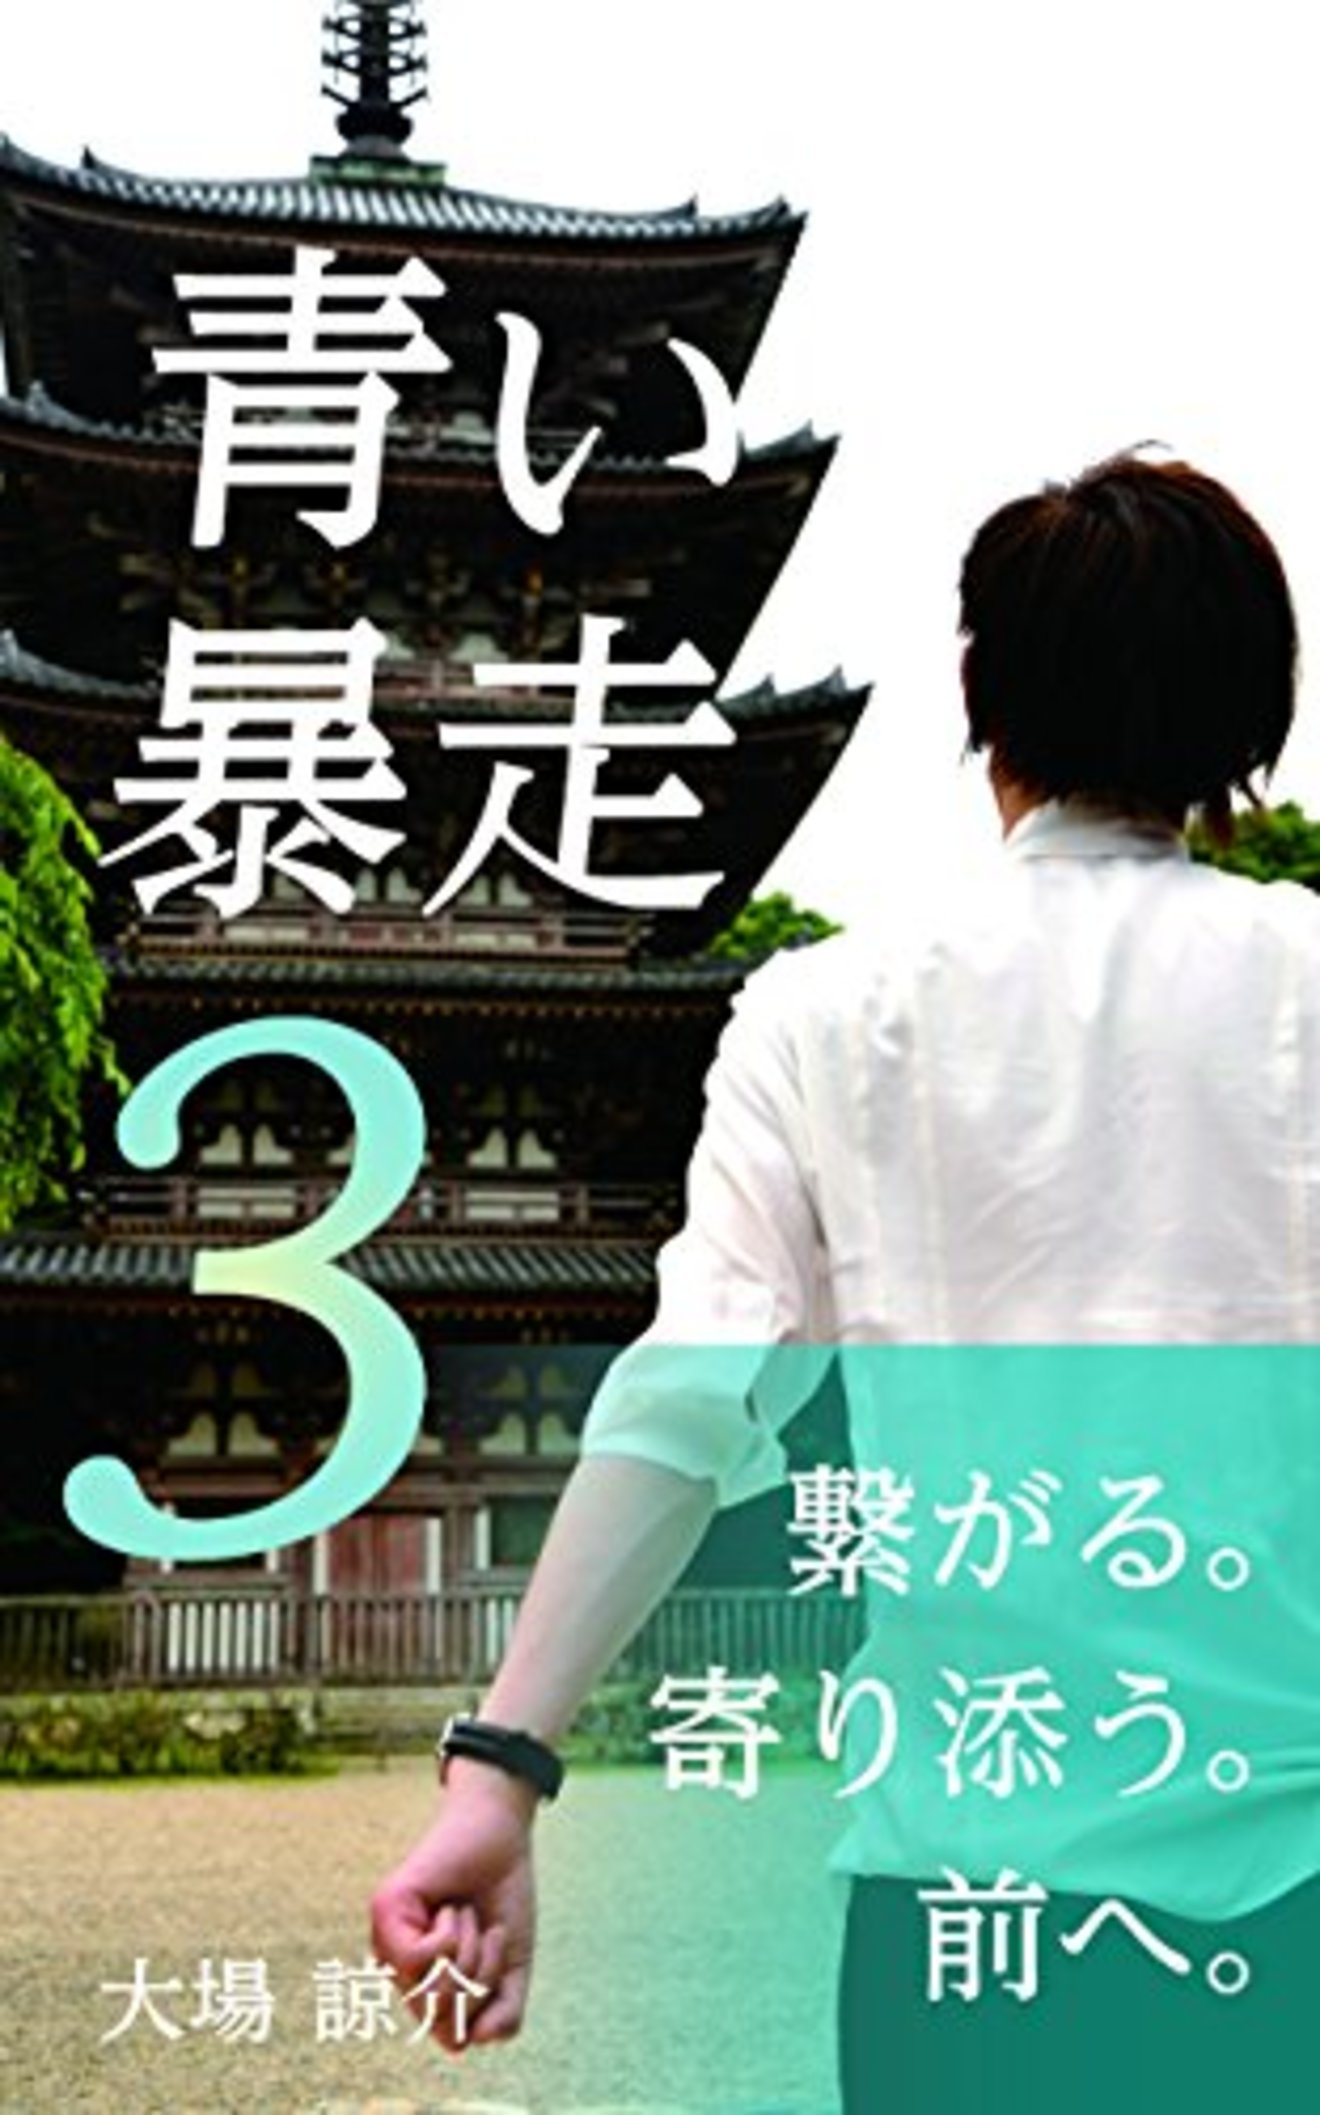 【連載小説】「ロマンティックが終わる時」第30話【毎朝6時更新】